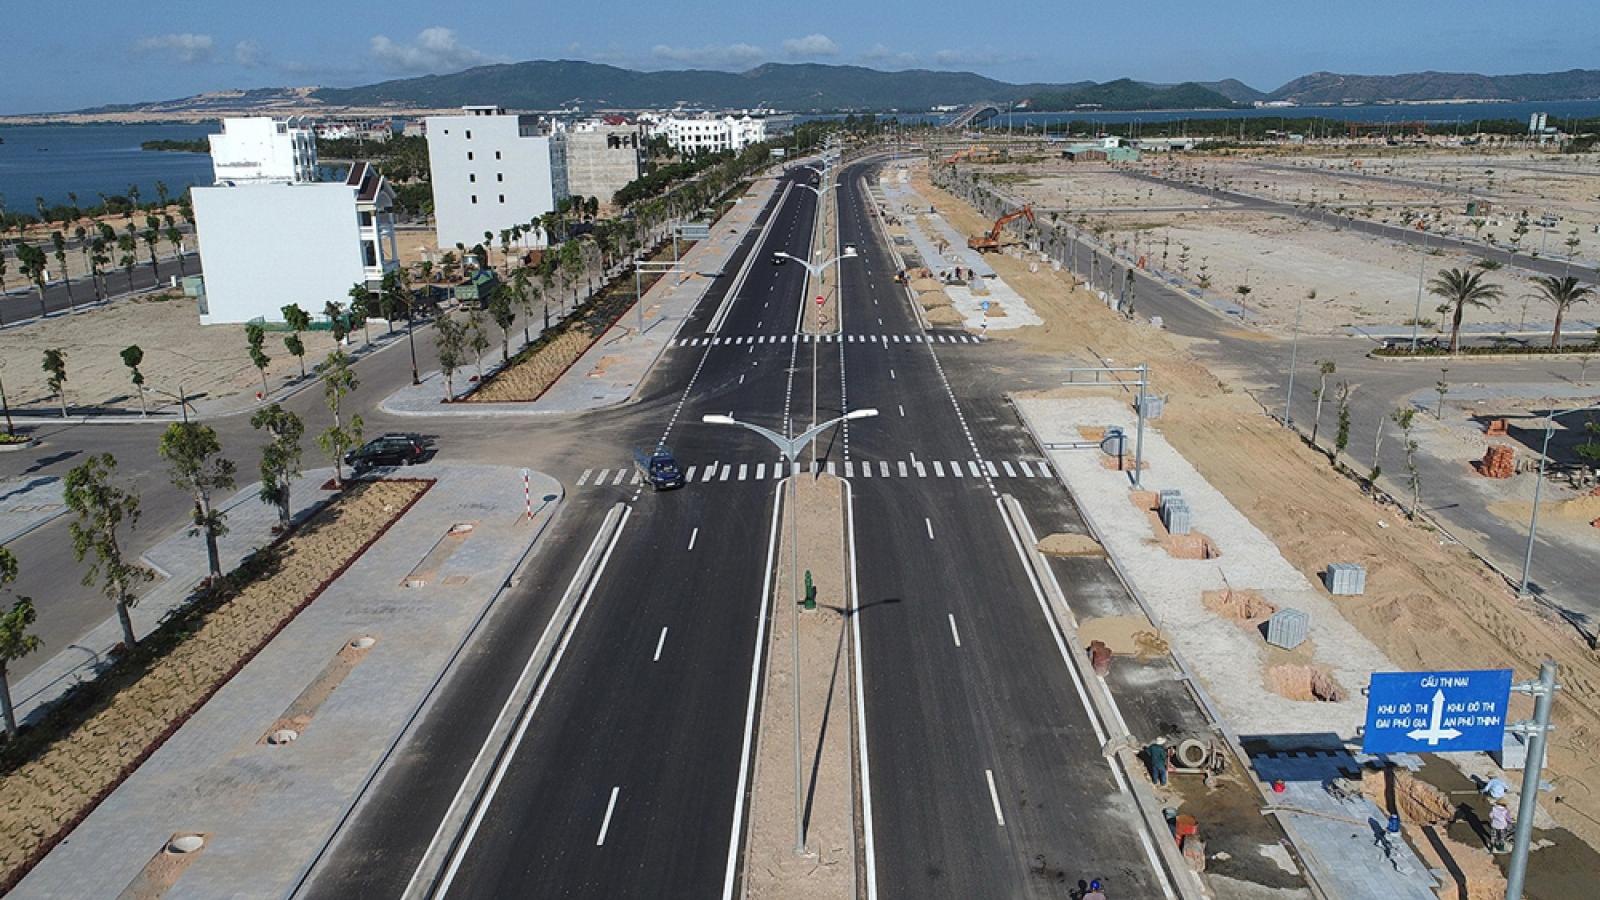 Bình Định dẫn đầu khu vực miền Trung về tỷ lệ giải ngân vốn đầu tư công